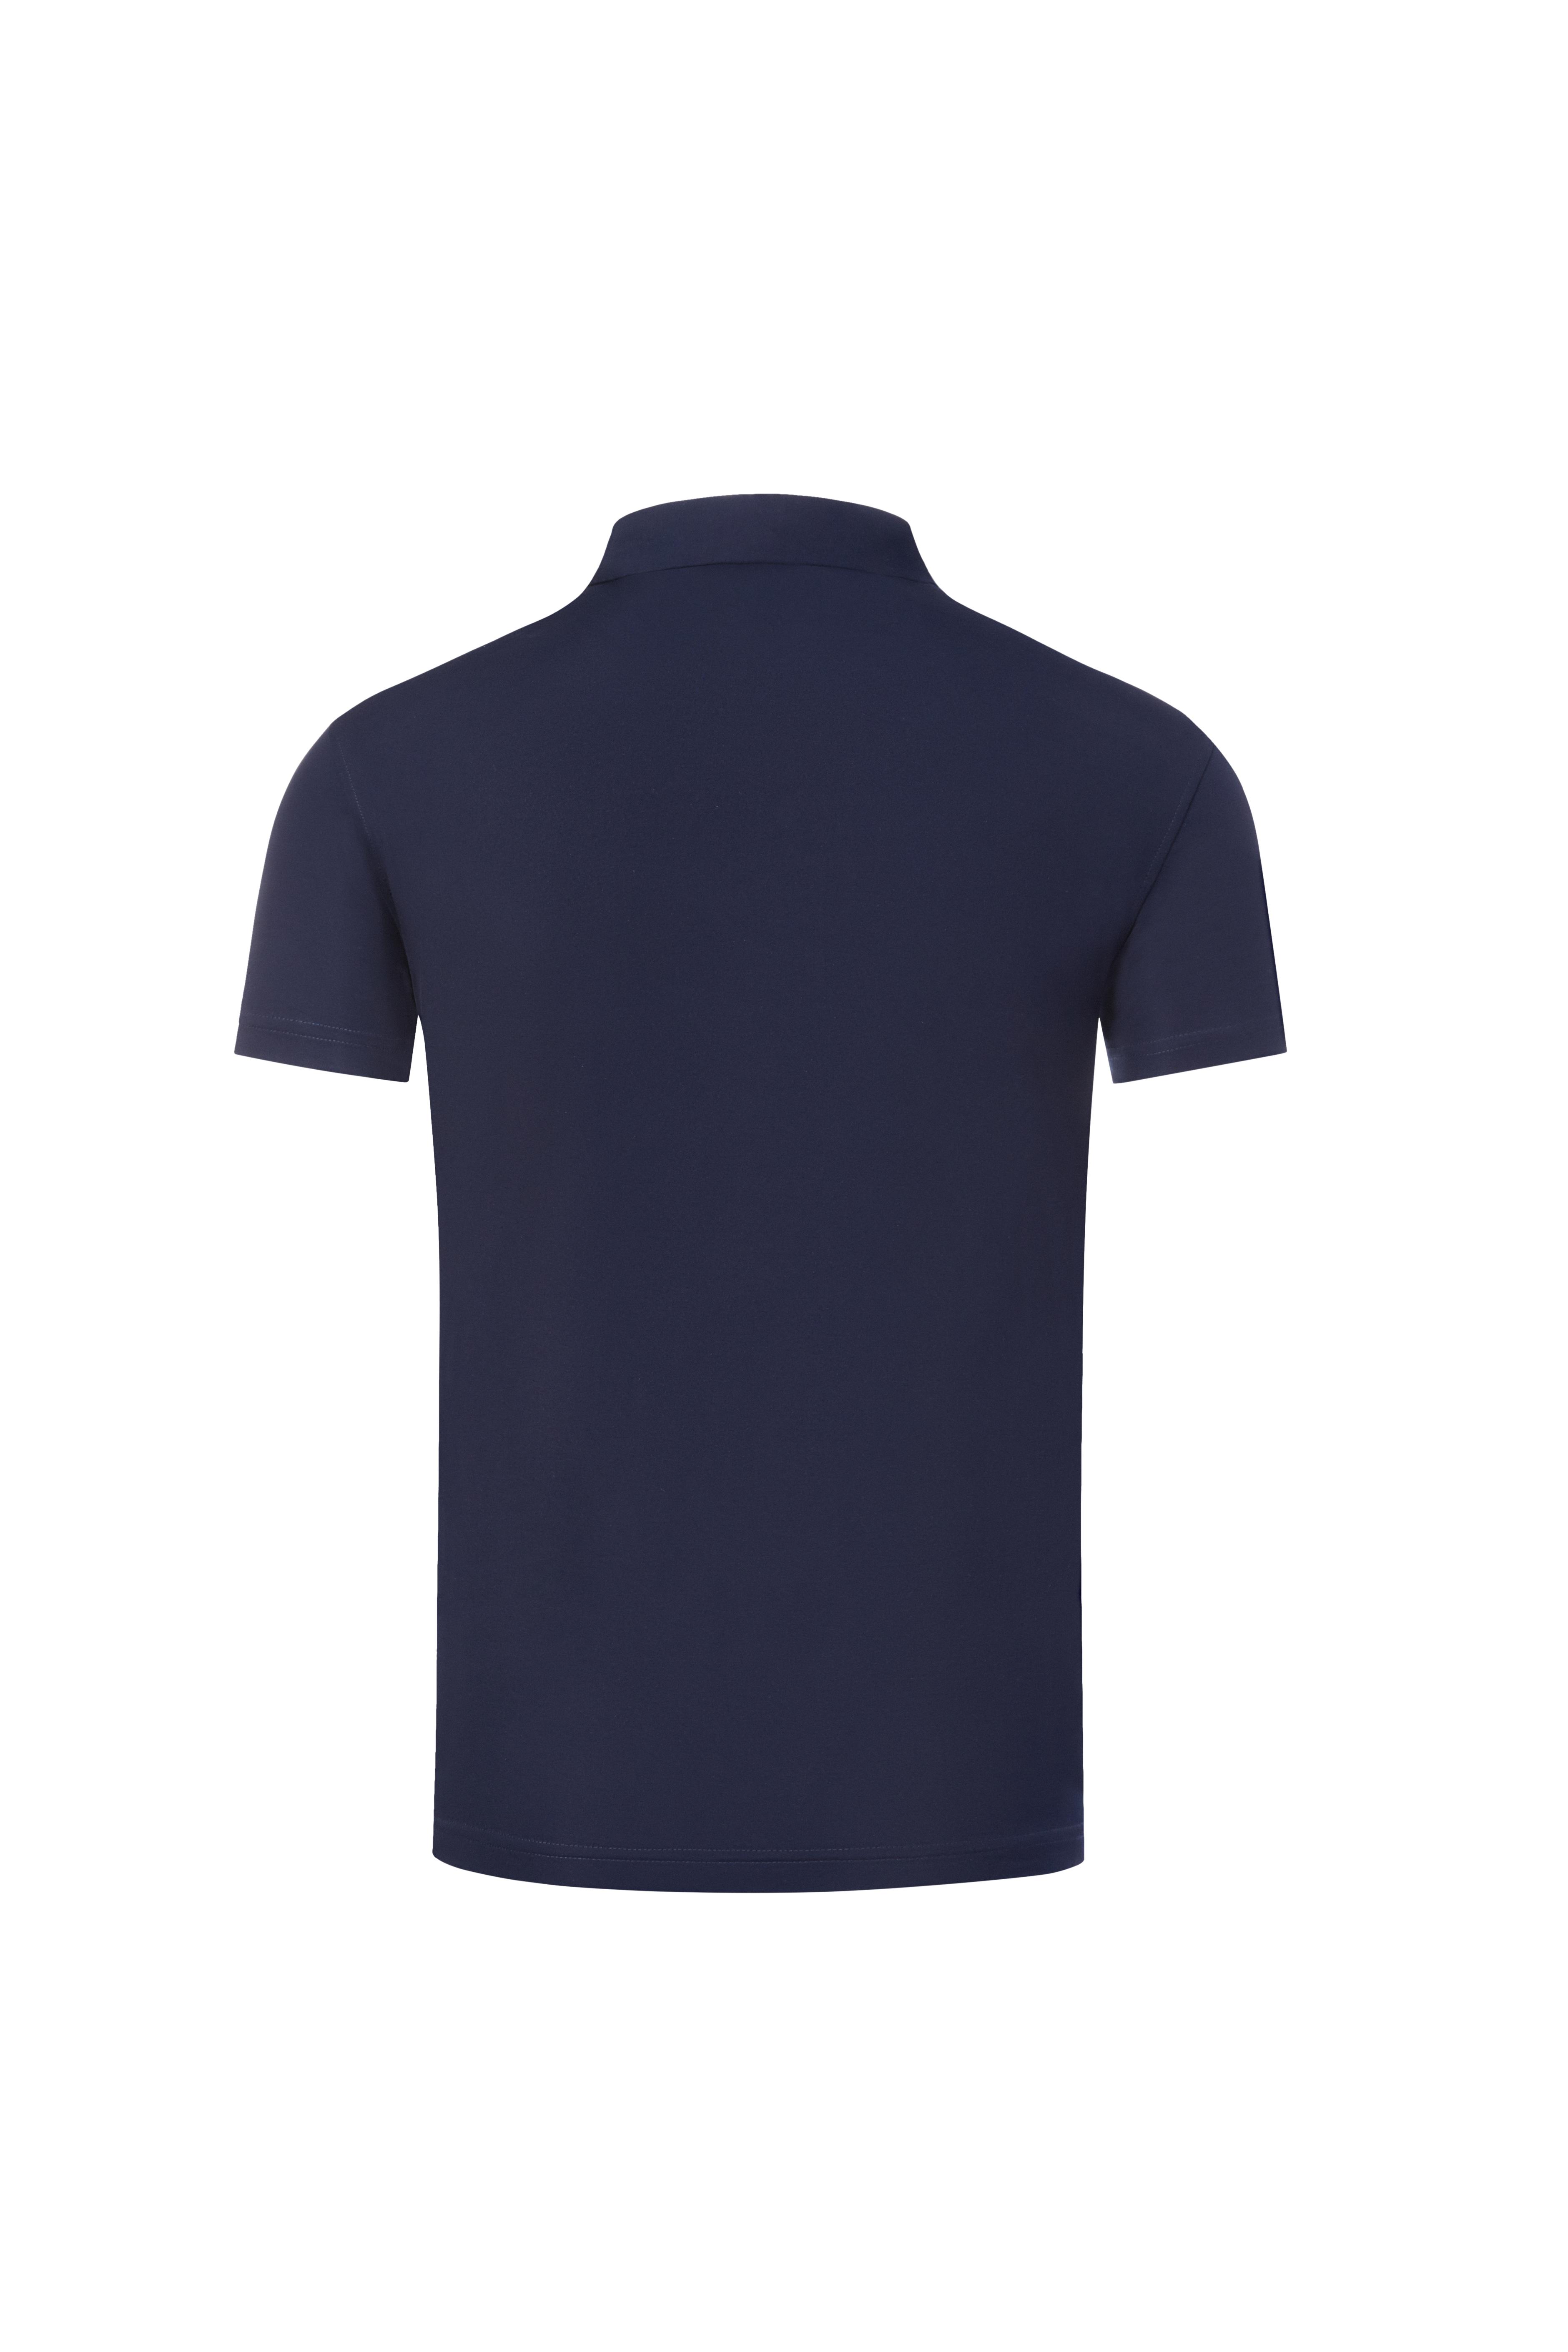 天倫99T恤  短袖polo衫定制